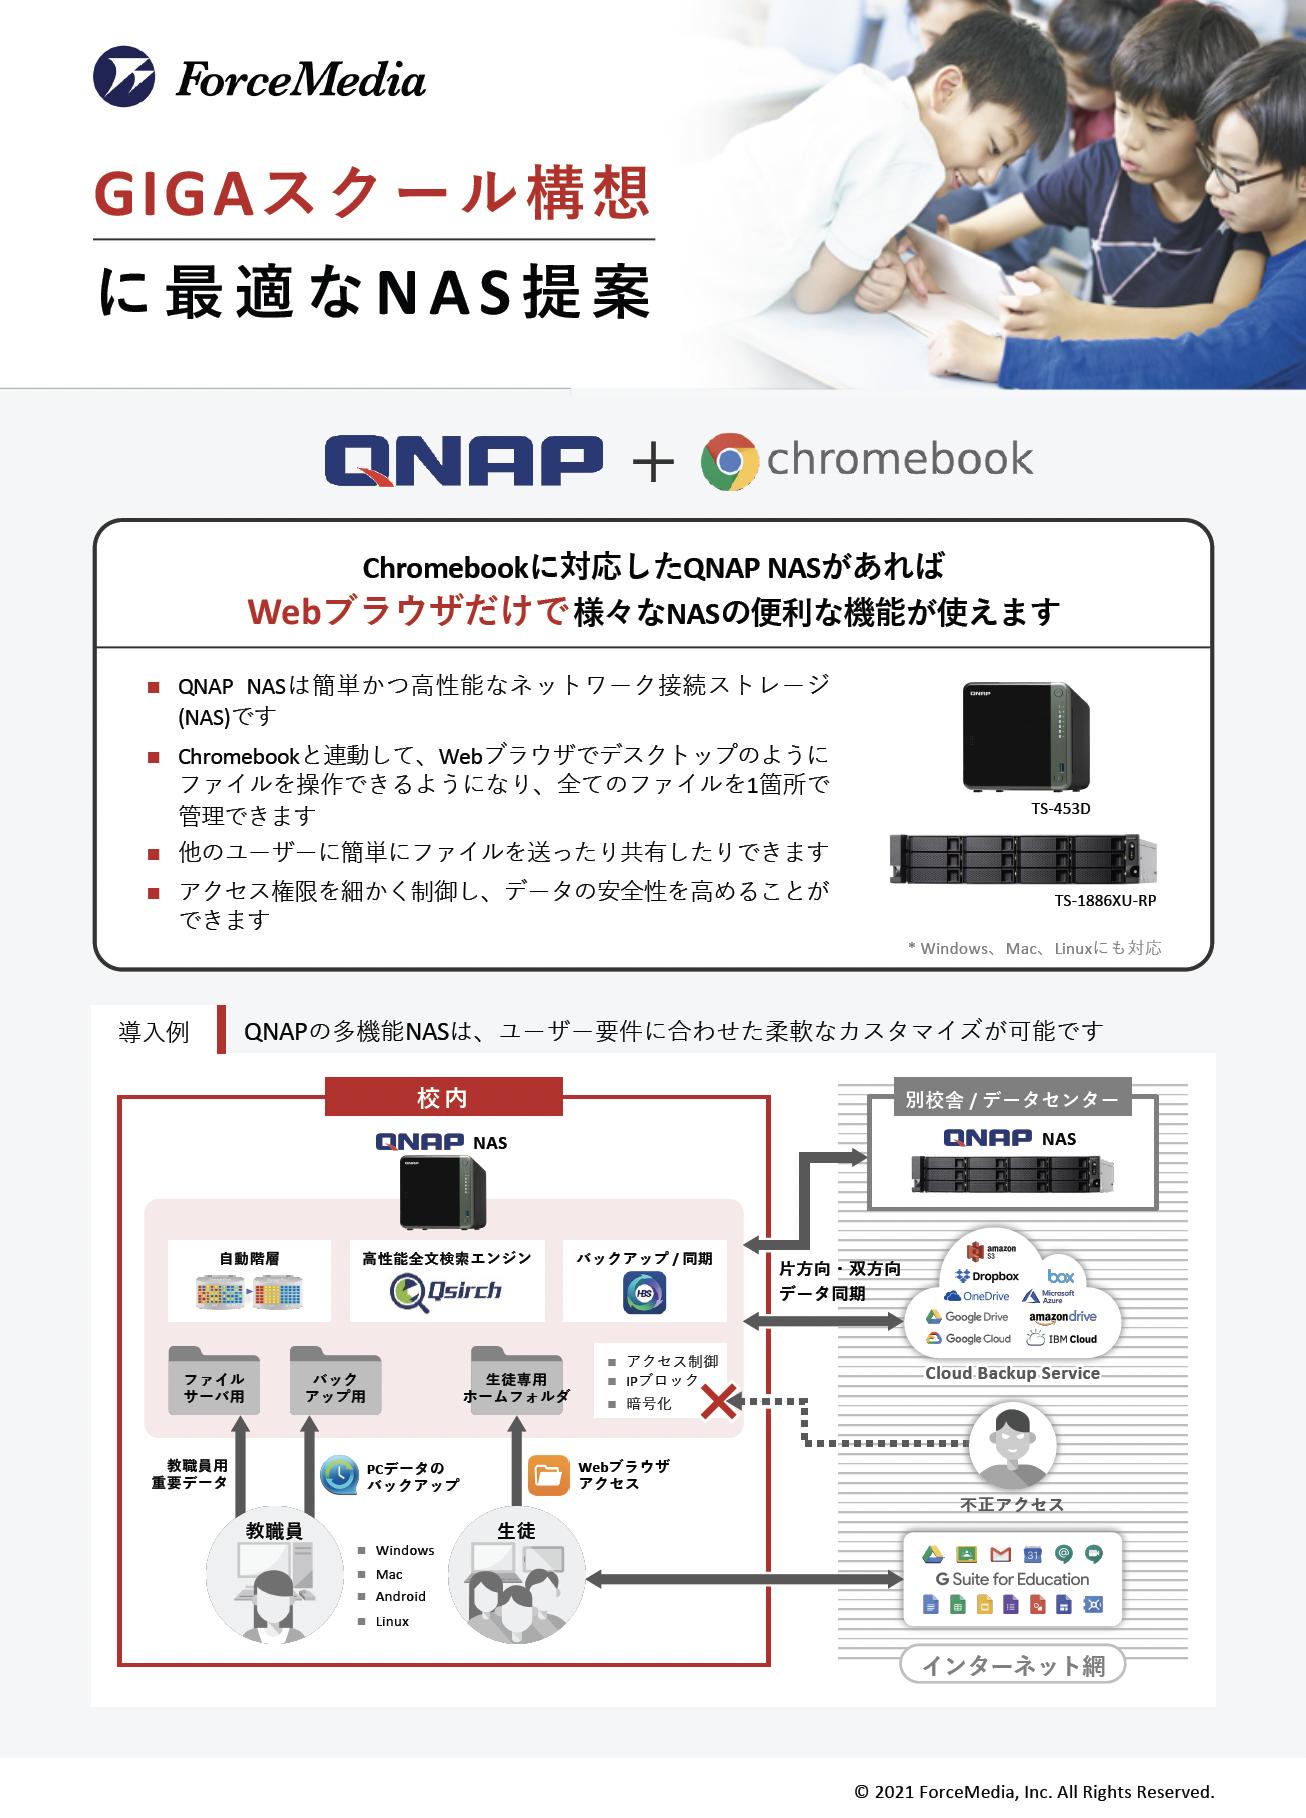 qnap_giga_school_leaflet.png